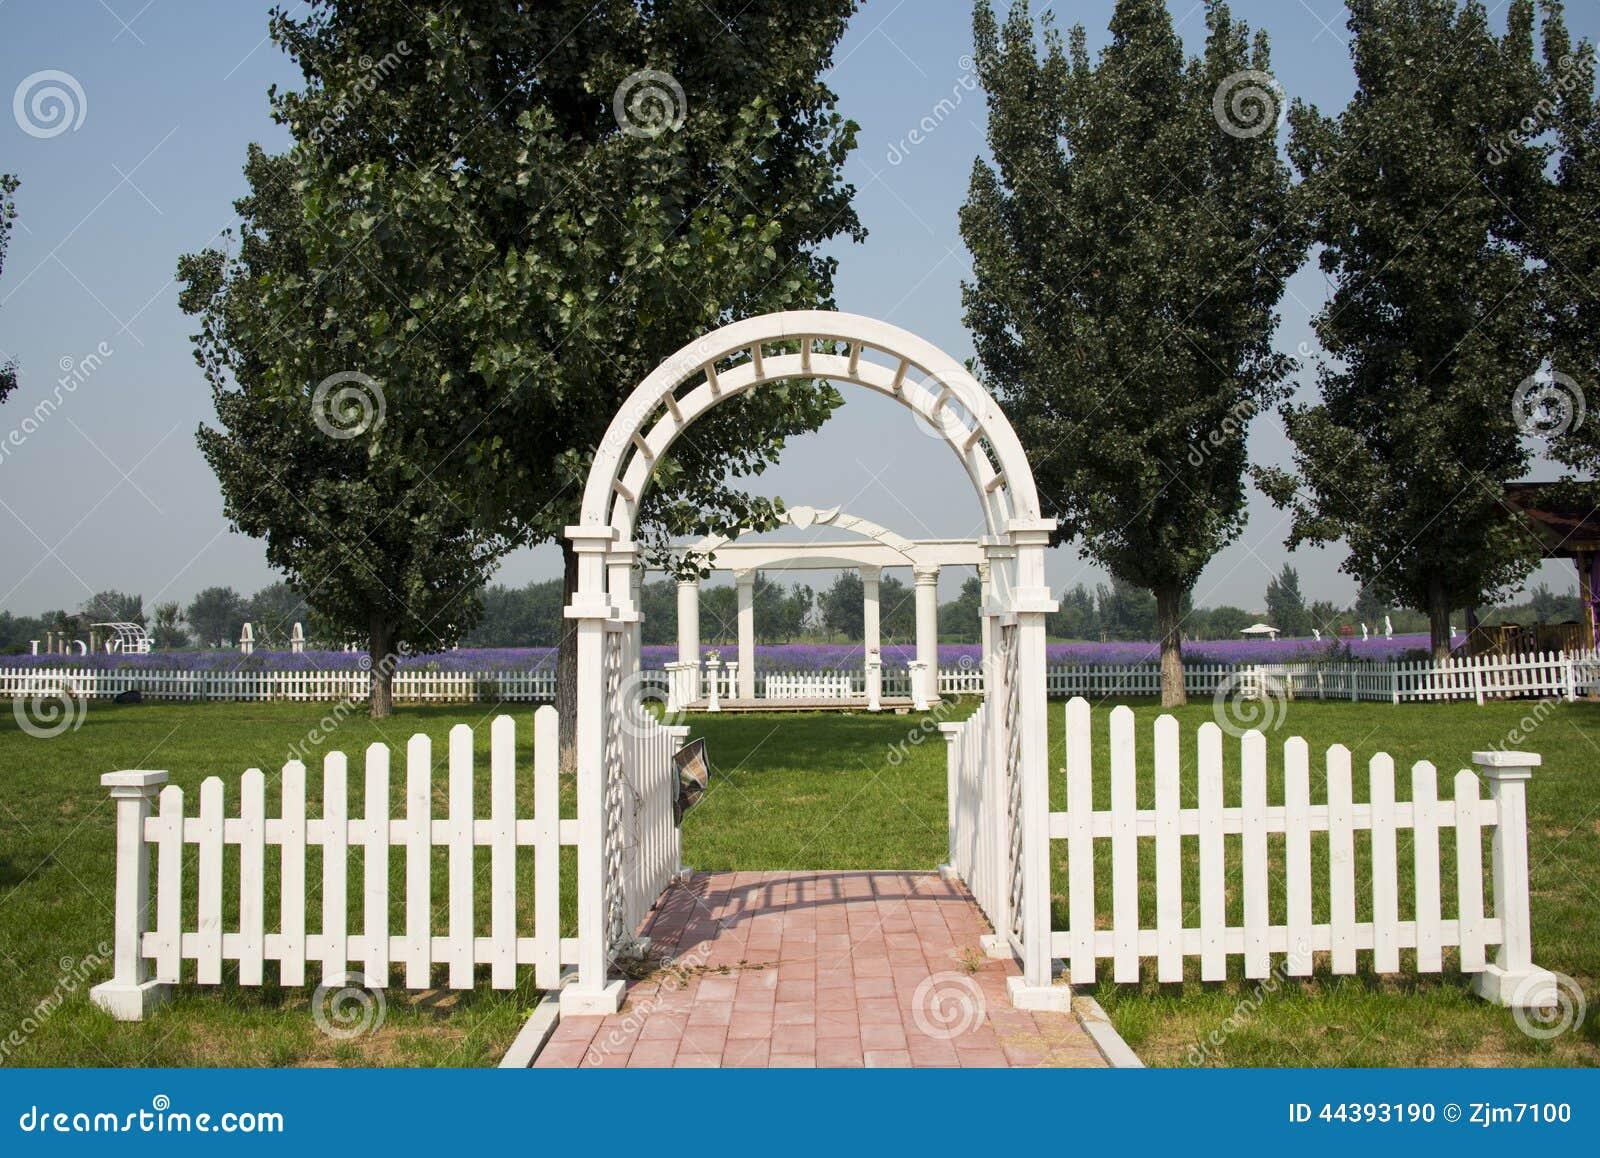 Barriere de jardin blanche id es de design maison et for Porte barriere jardin